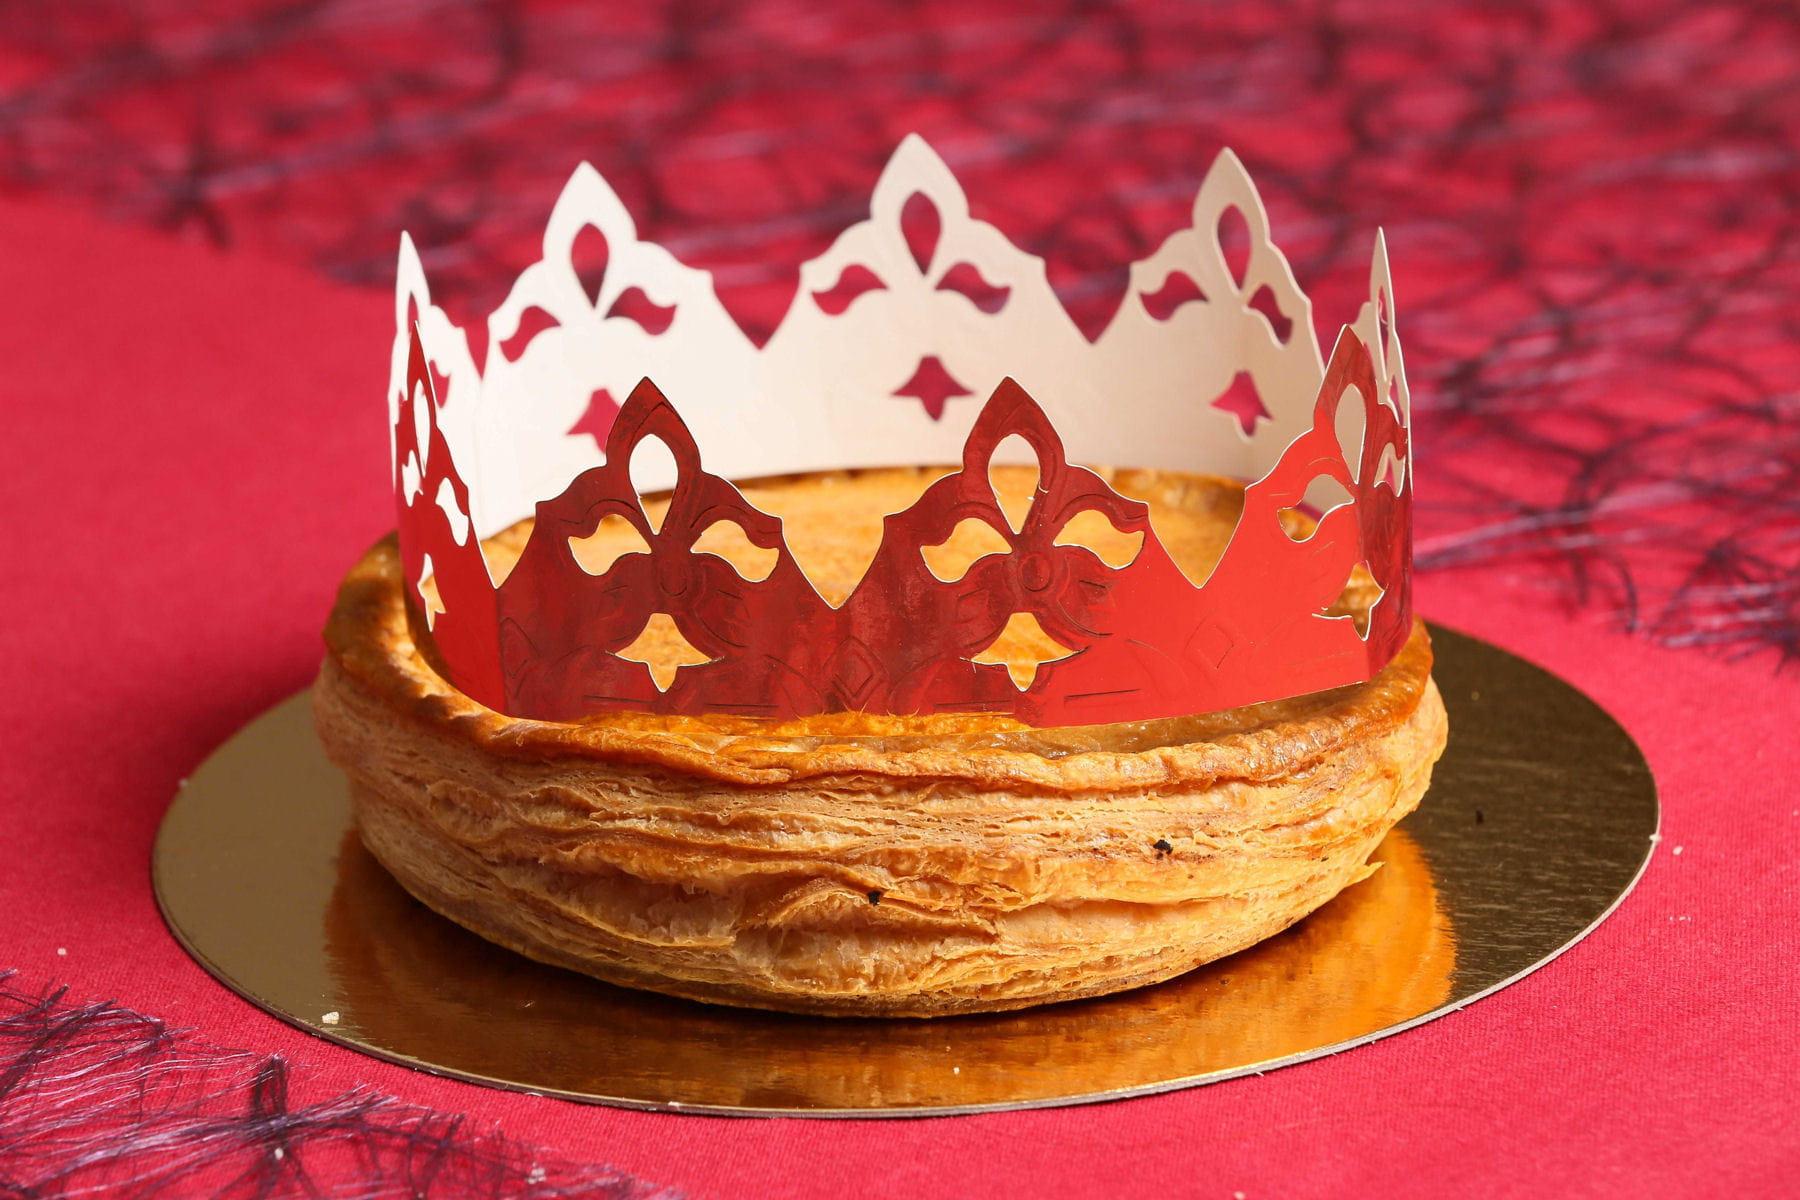 Epiphanie date origine d finition et recette de la galette des rois - Date de la galette des rois ...